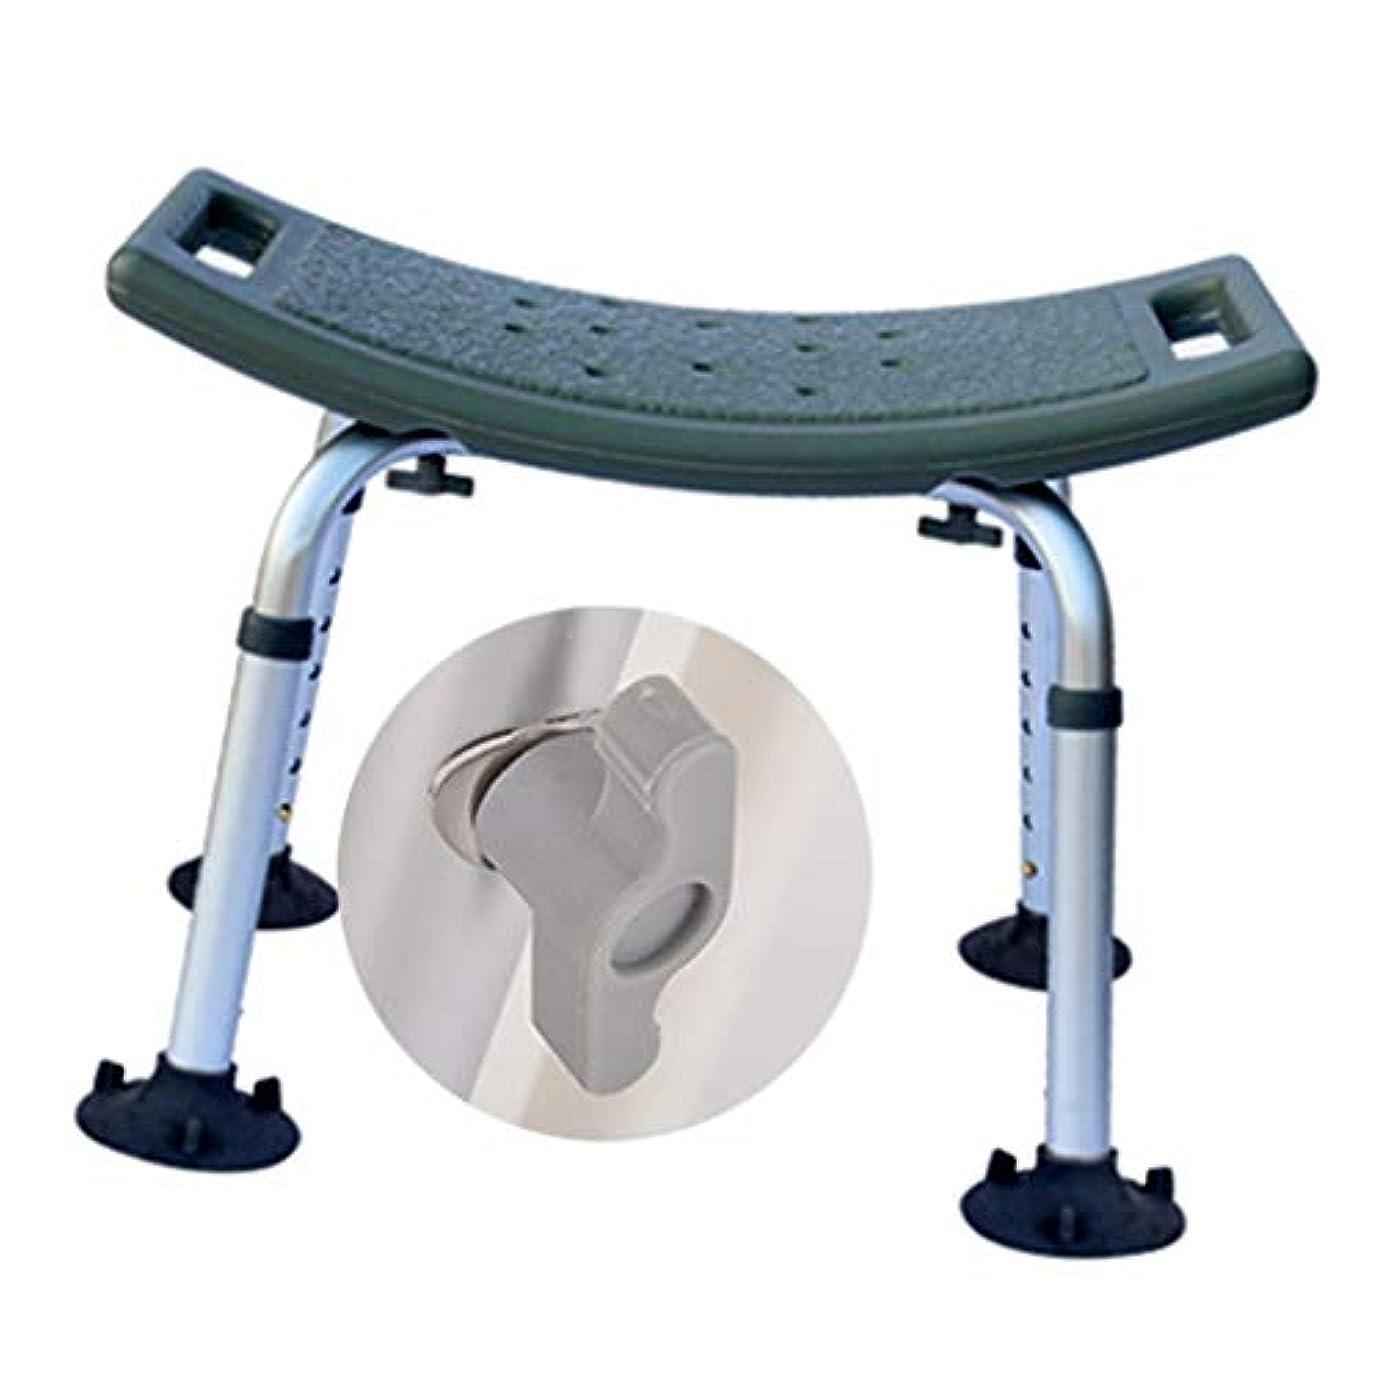 学んだスカリー持ってる多機能アルミ製シャワースツール/高齢者/妊娠/身体障害者用/家庭/グレー/滑り止めスツール/カーブ